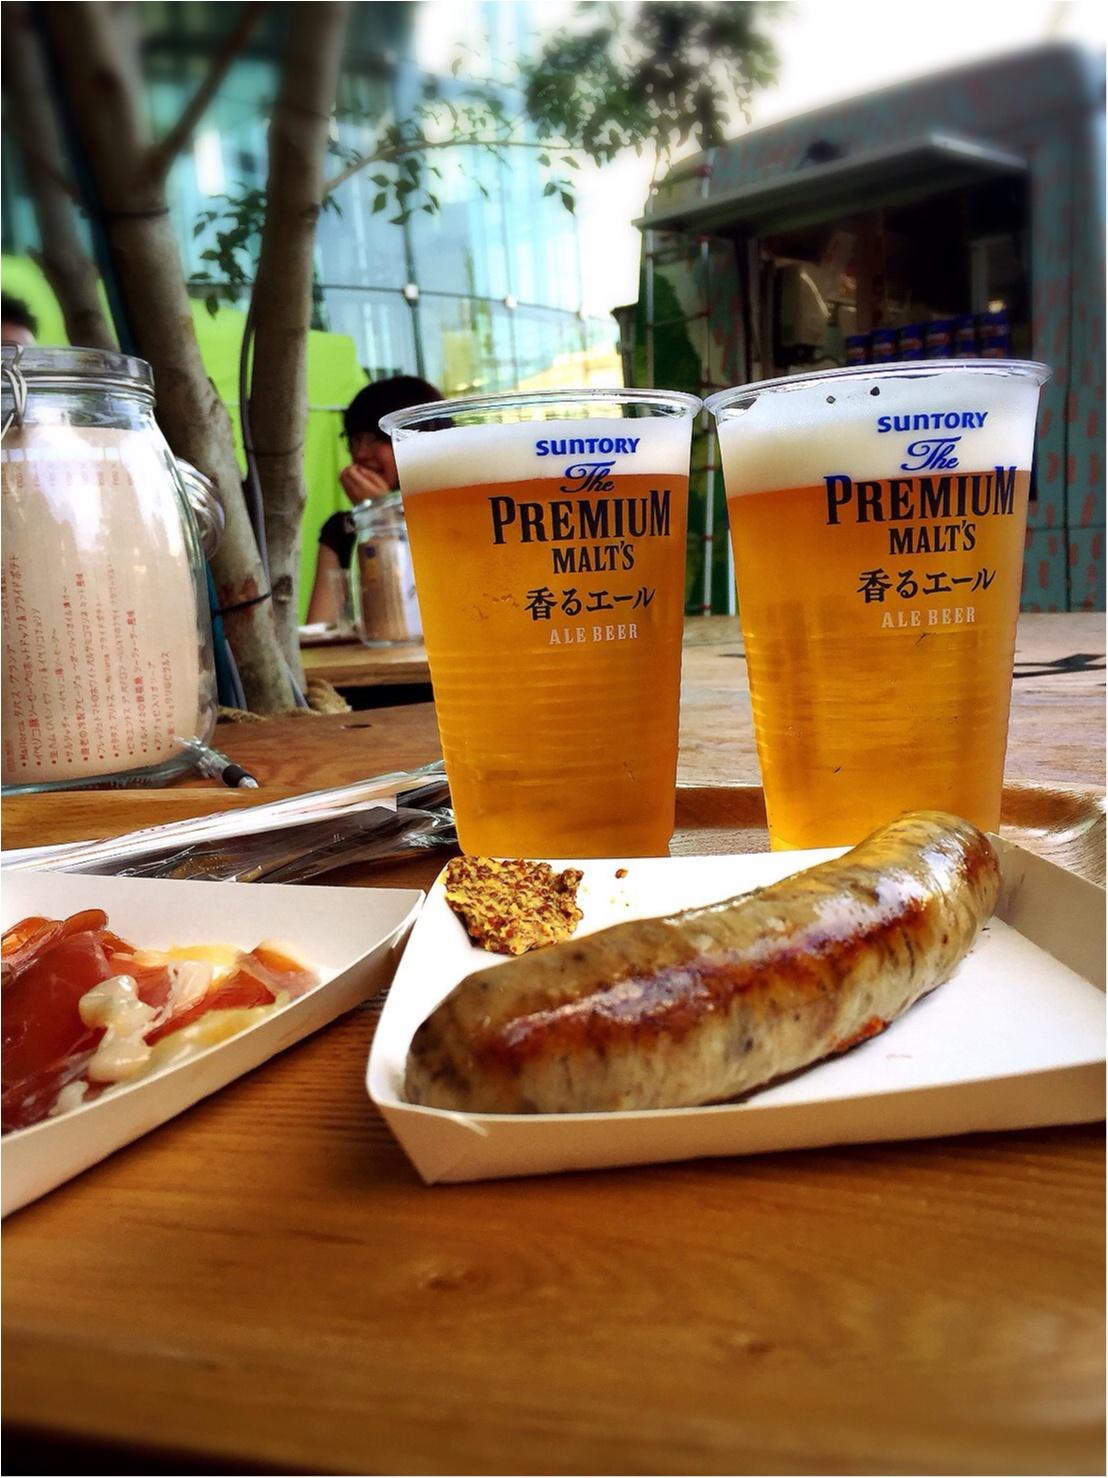 海外のような雰囲気♡芝生でくつろぎながらビールのもー\(^o^)/【二子玉川8月まで!】_8